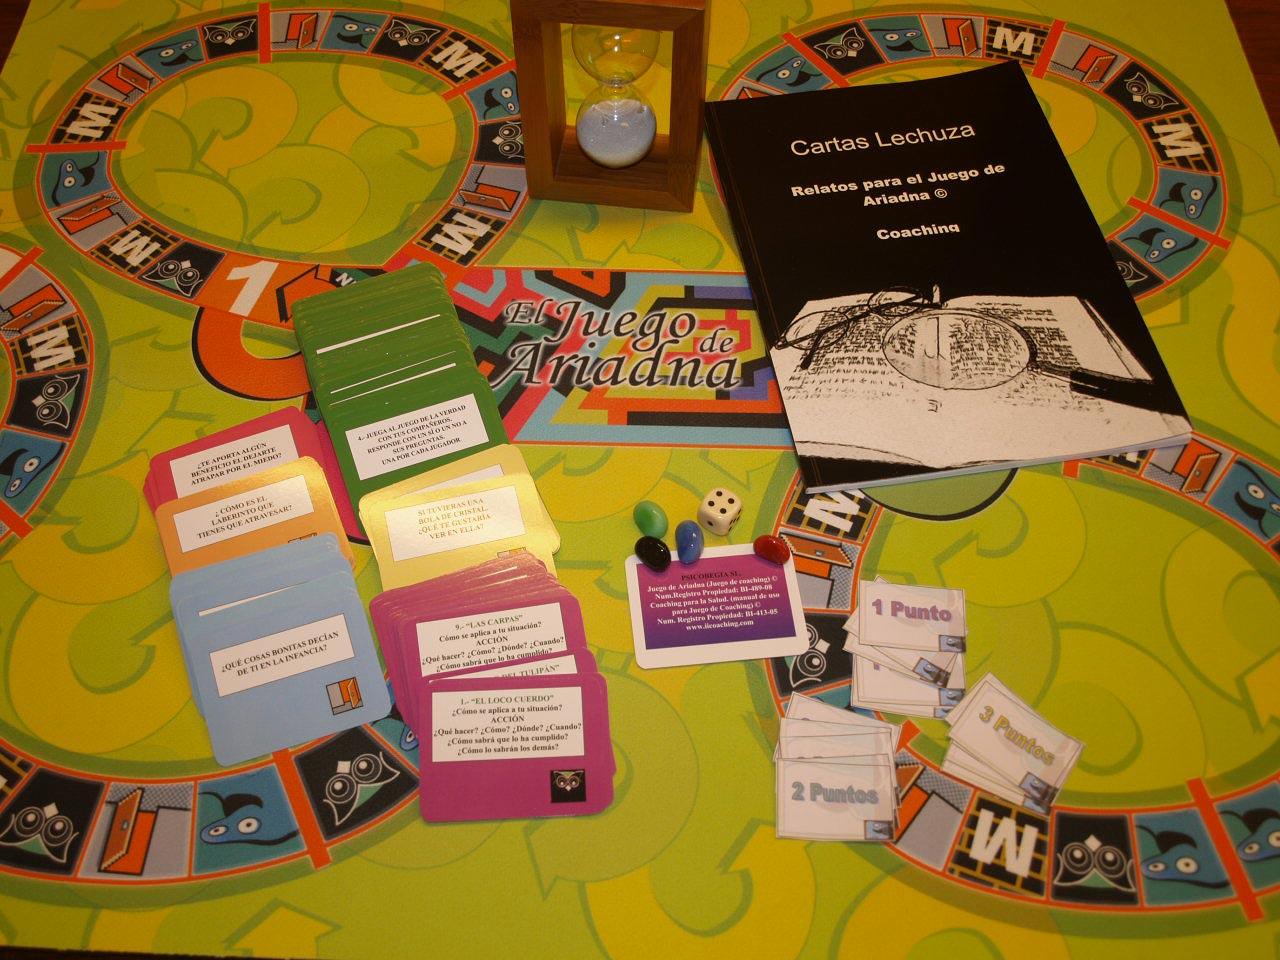 juego-ariadna-mesa